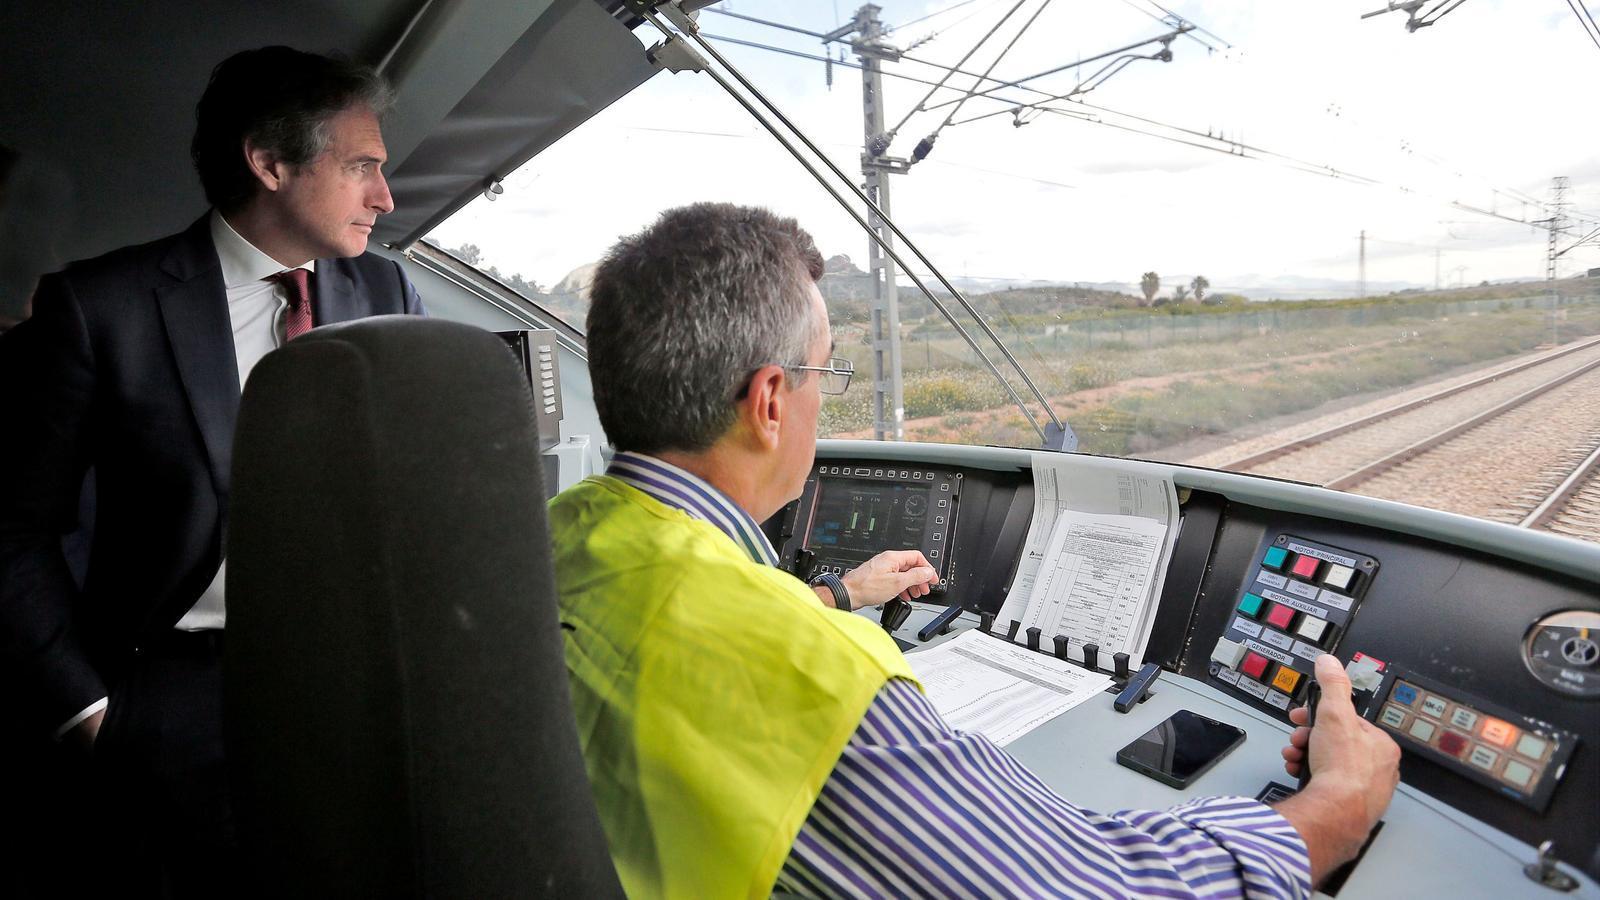 L'AVE Castelló-Madrid començarà el servei comercial el 23 de gener